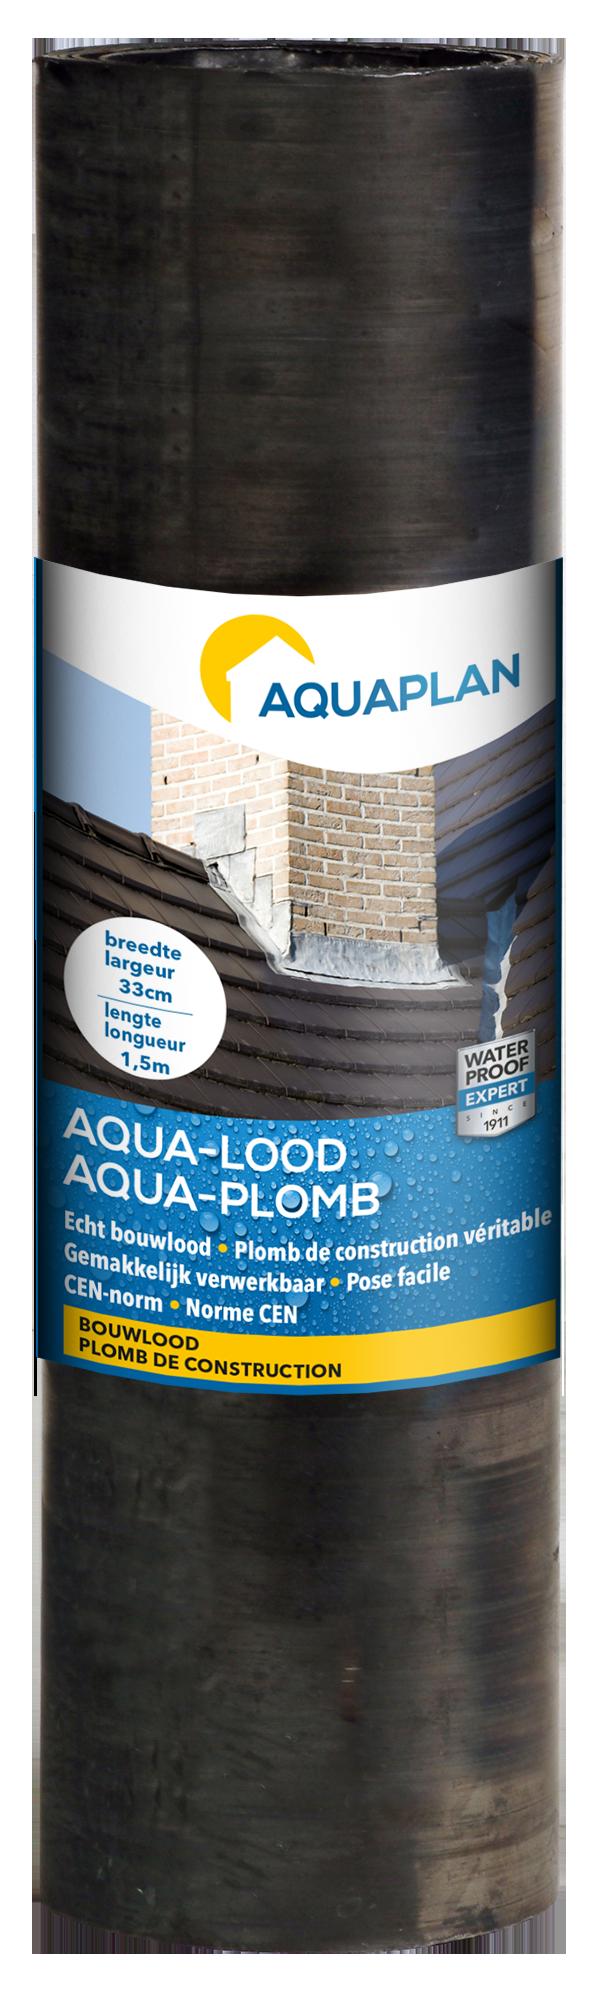 Aquaplan | Aqua-Lood | 33 cm